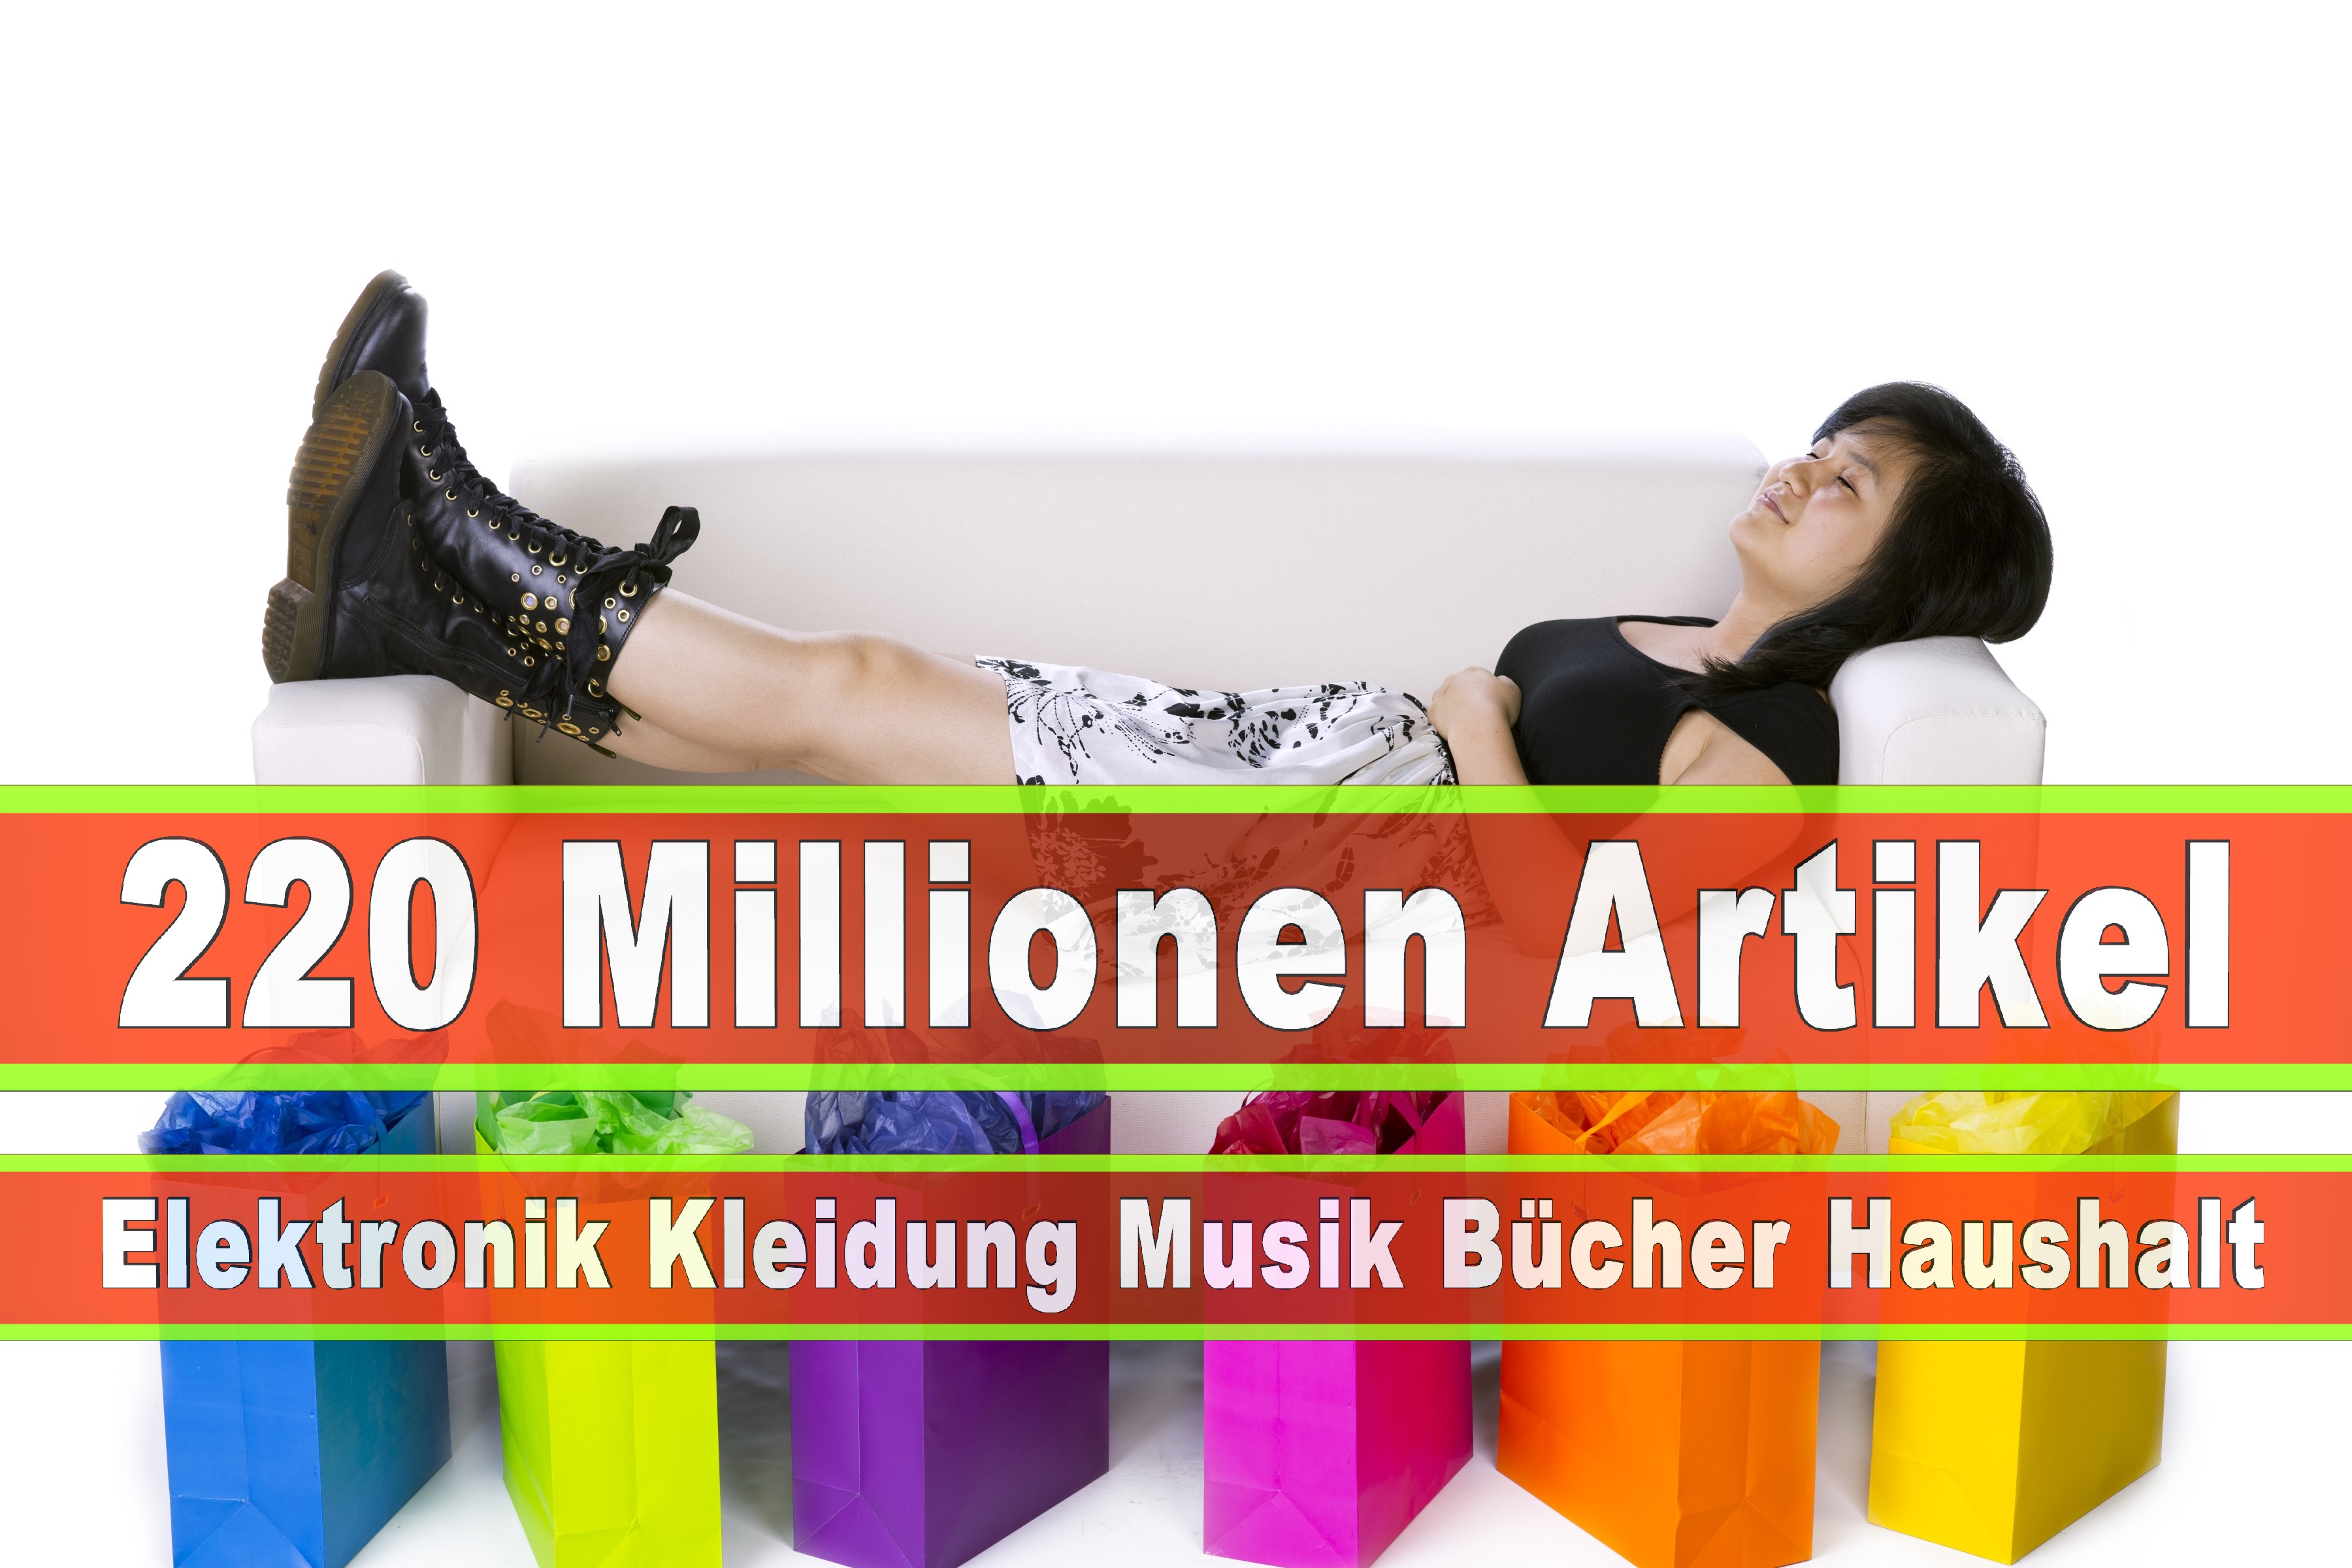 Amazon Elektronik Musik Haushalt Bücher CD DVD Handys Smartphones TV Television Fernseher Kleidung Mode Ebay Versandhaus (96)